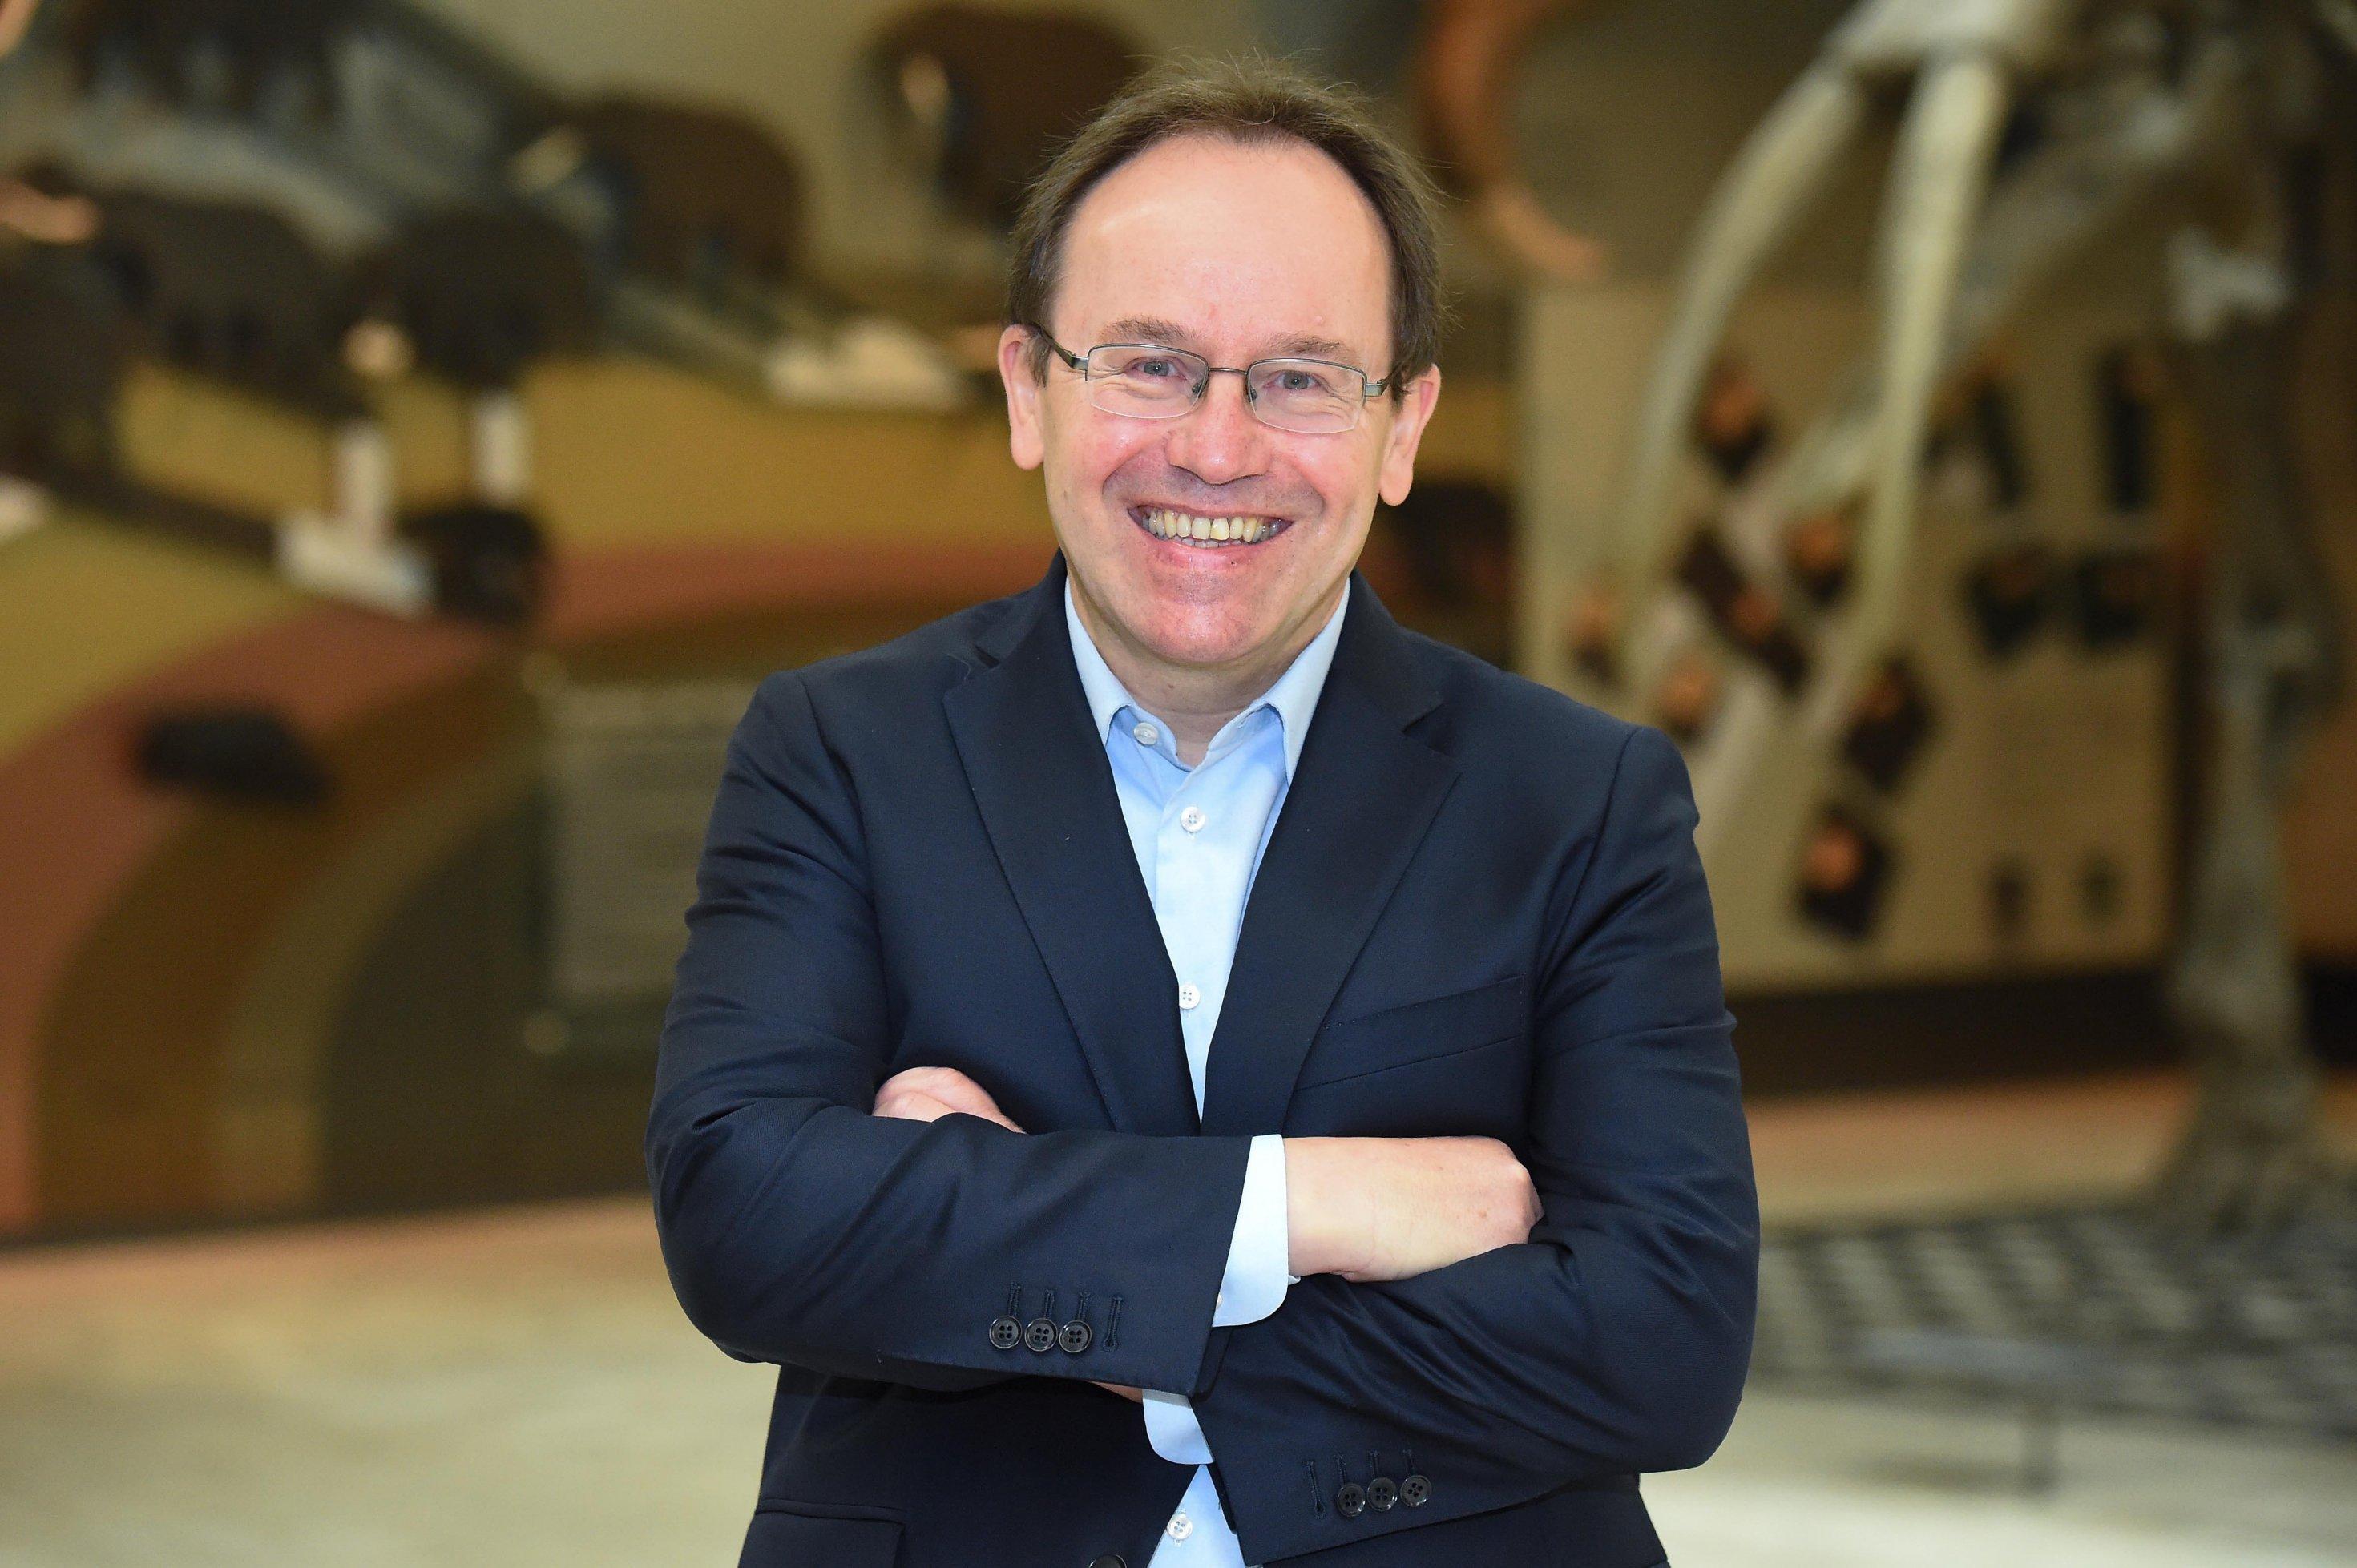 Der Wissenschaftler mit Brille und dunkelblauem Sakko lächelt